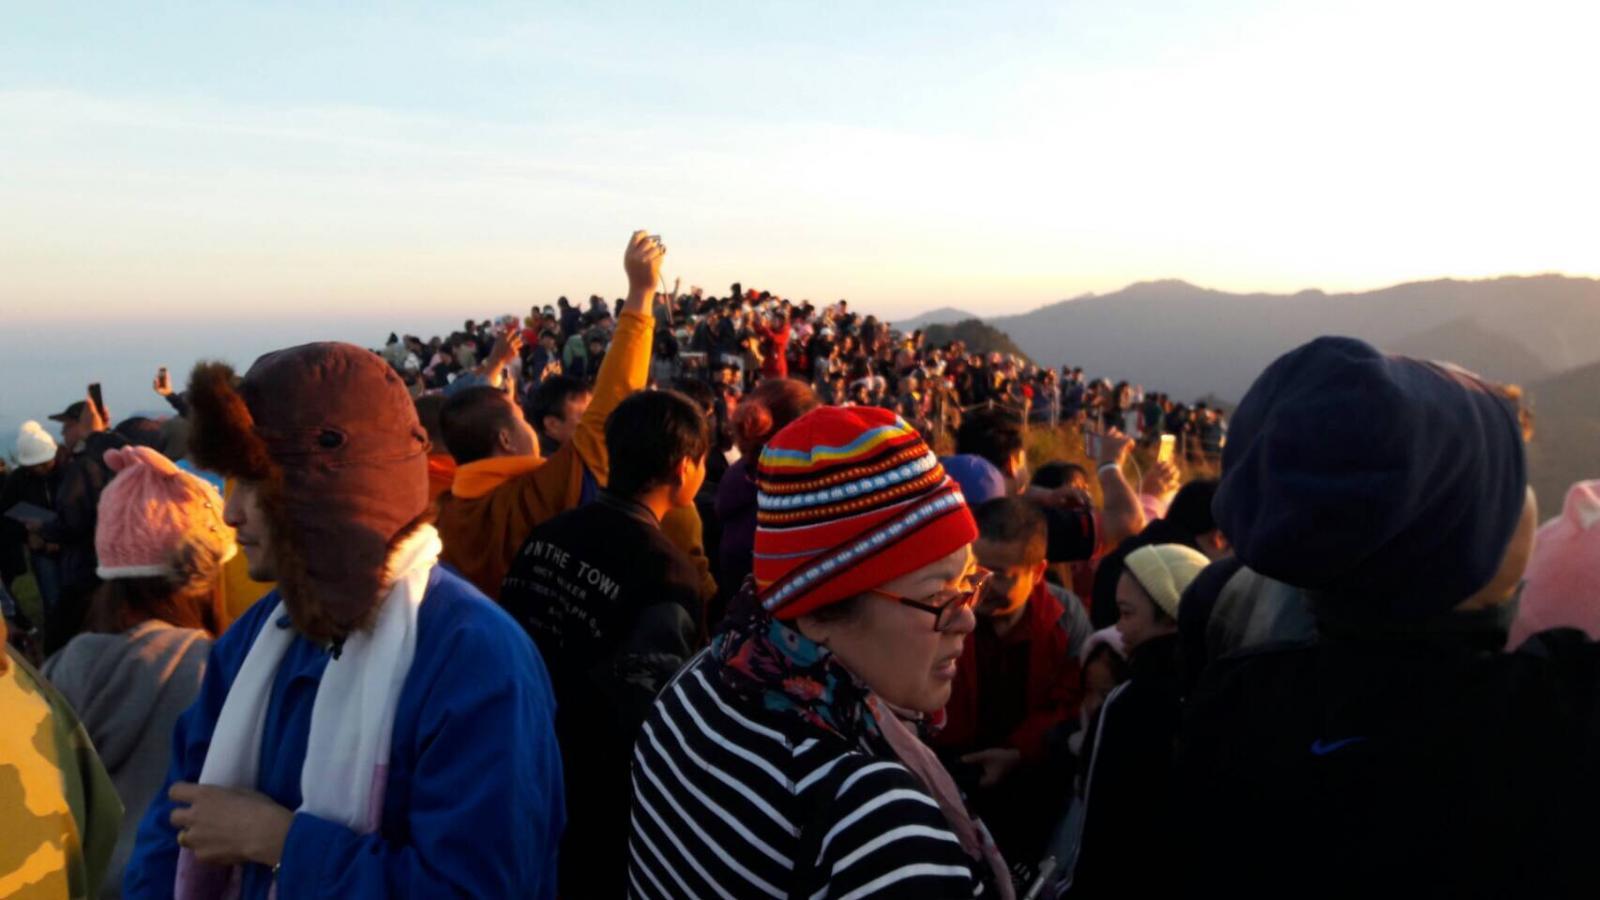 ปชช.แห่ชมพระอาทิตย์วันหยุดแน่นภูชี้ฟ้า แนะข้อควรระวังในการเที่ยว